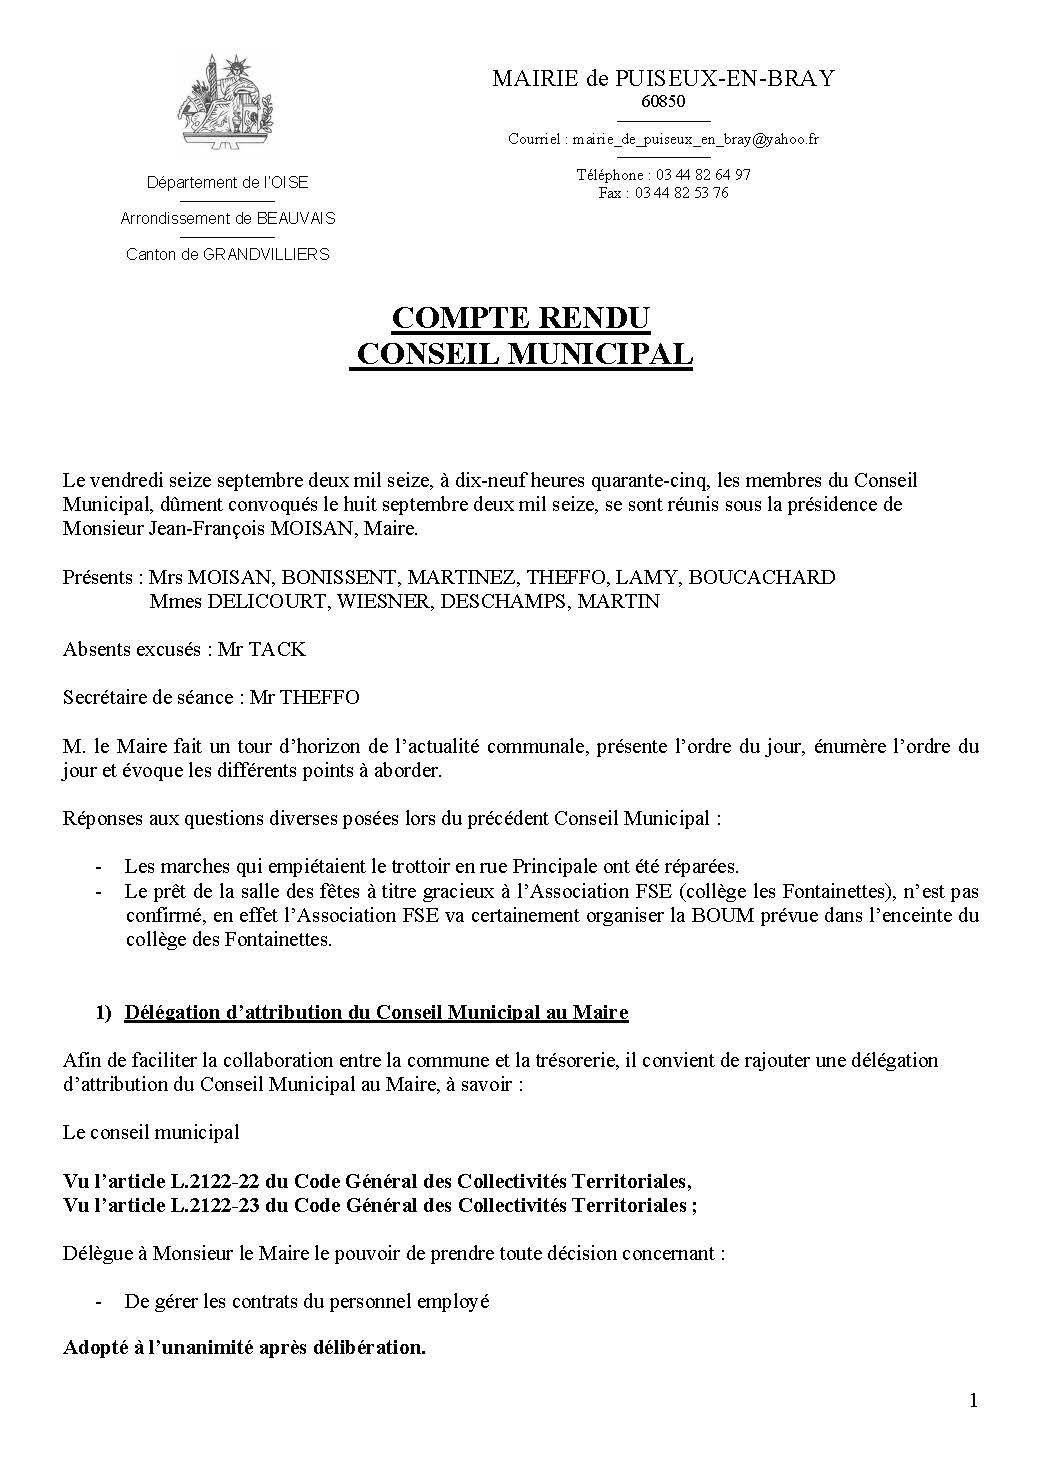 cr-du-16092016-page-1